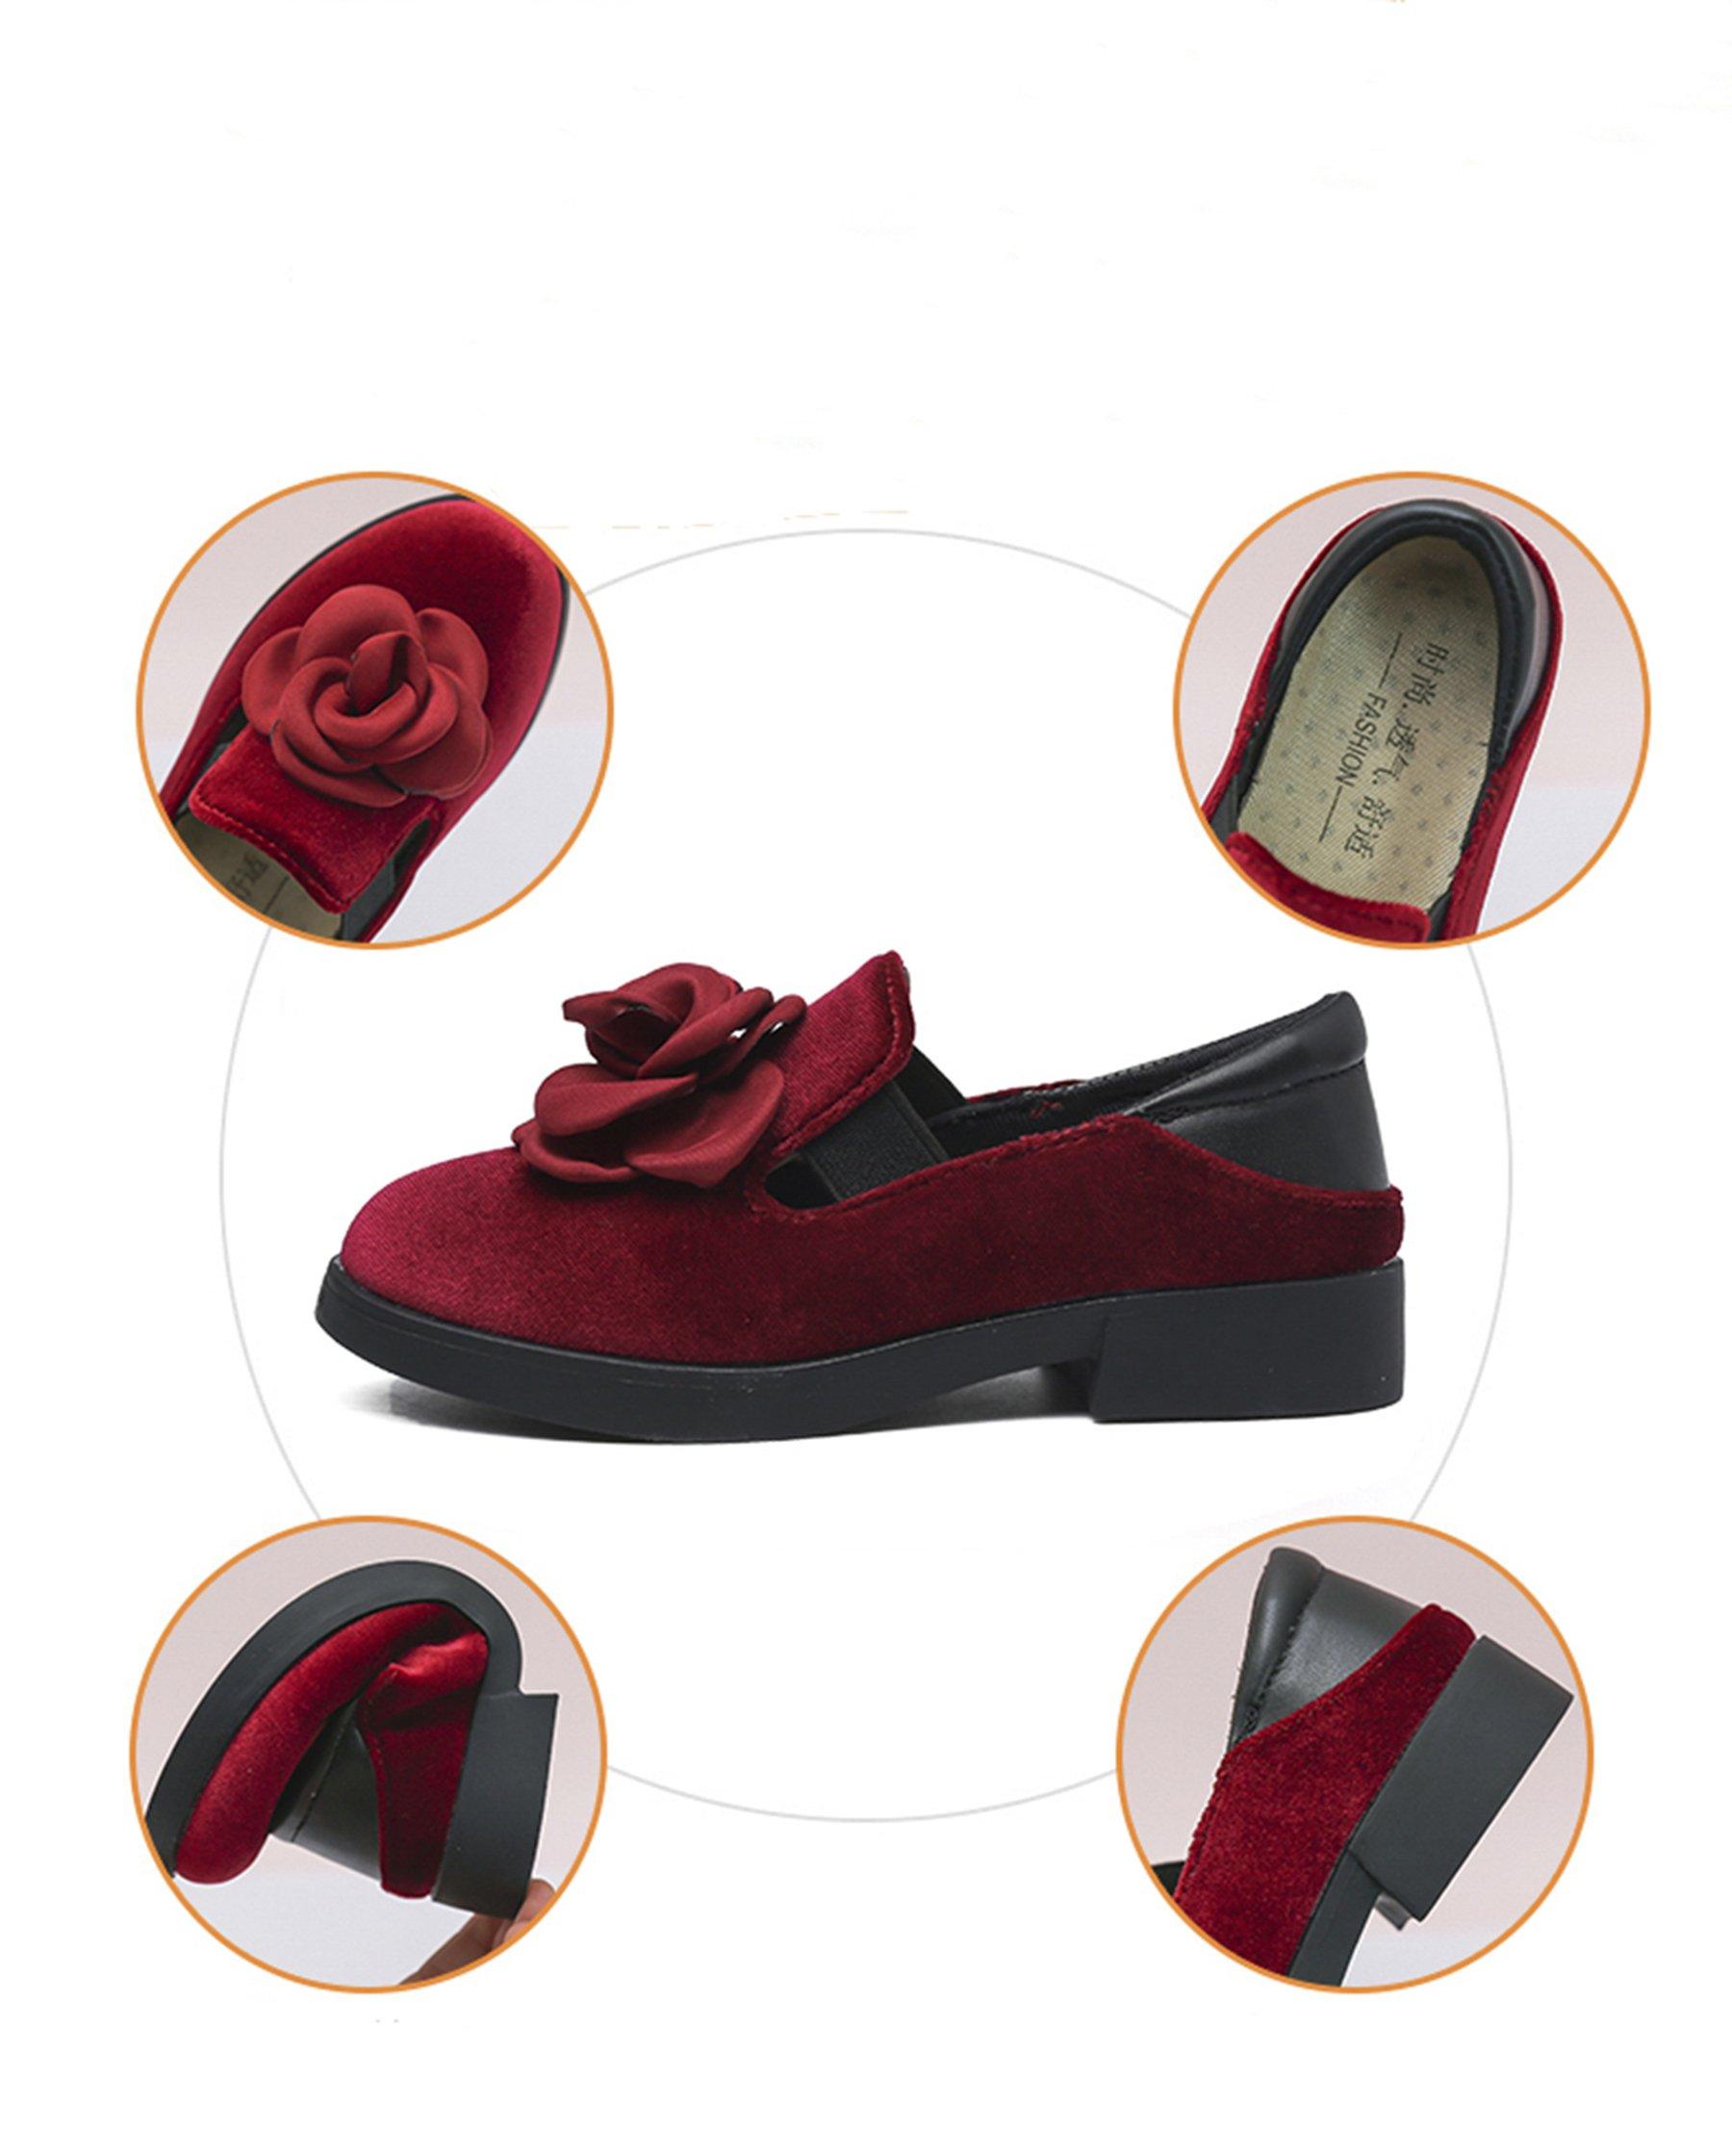 Kikiz Girls Dress Faux Suede Mary Jane Ballet Ballerina Flat Slip On Boat Shoes